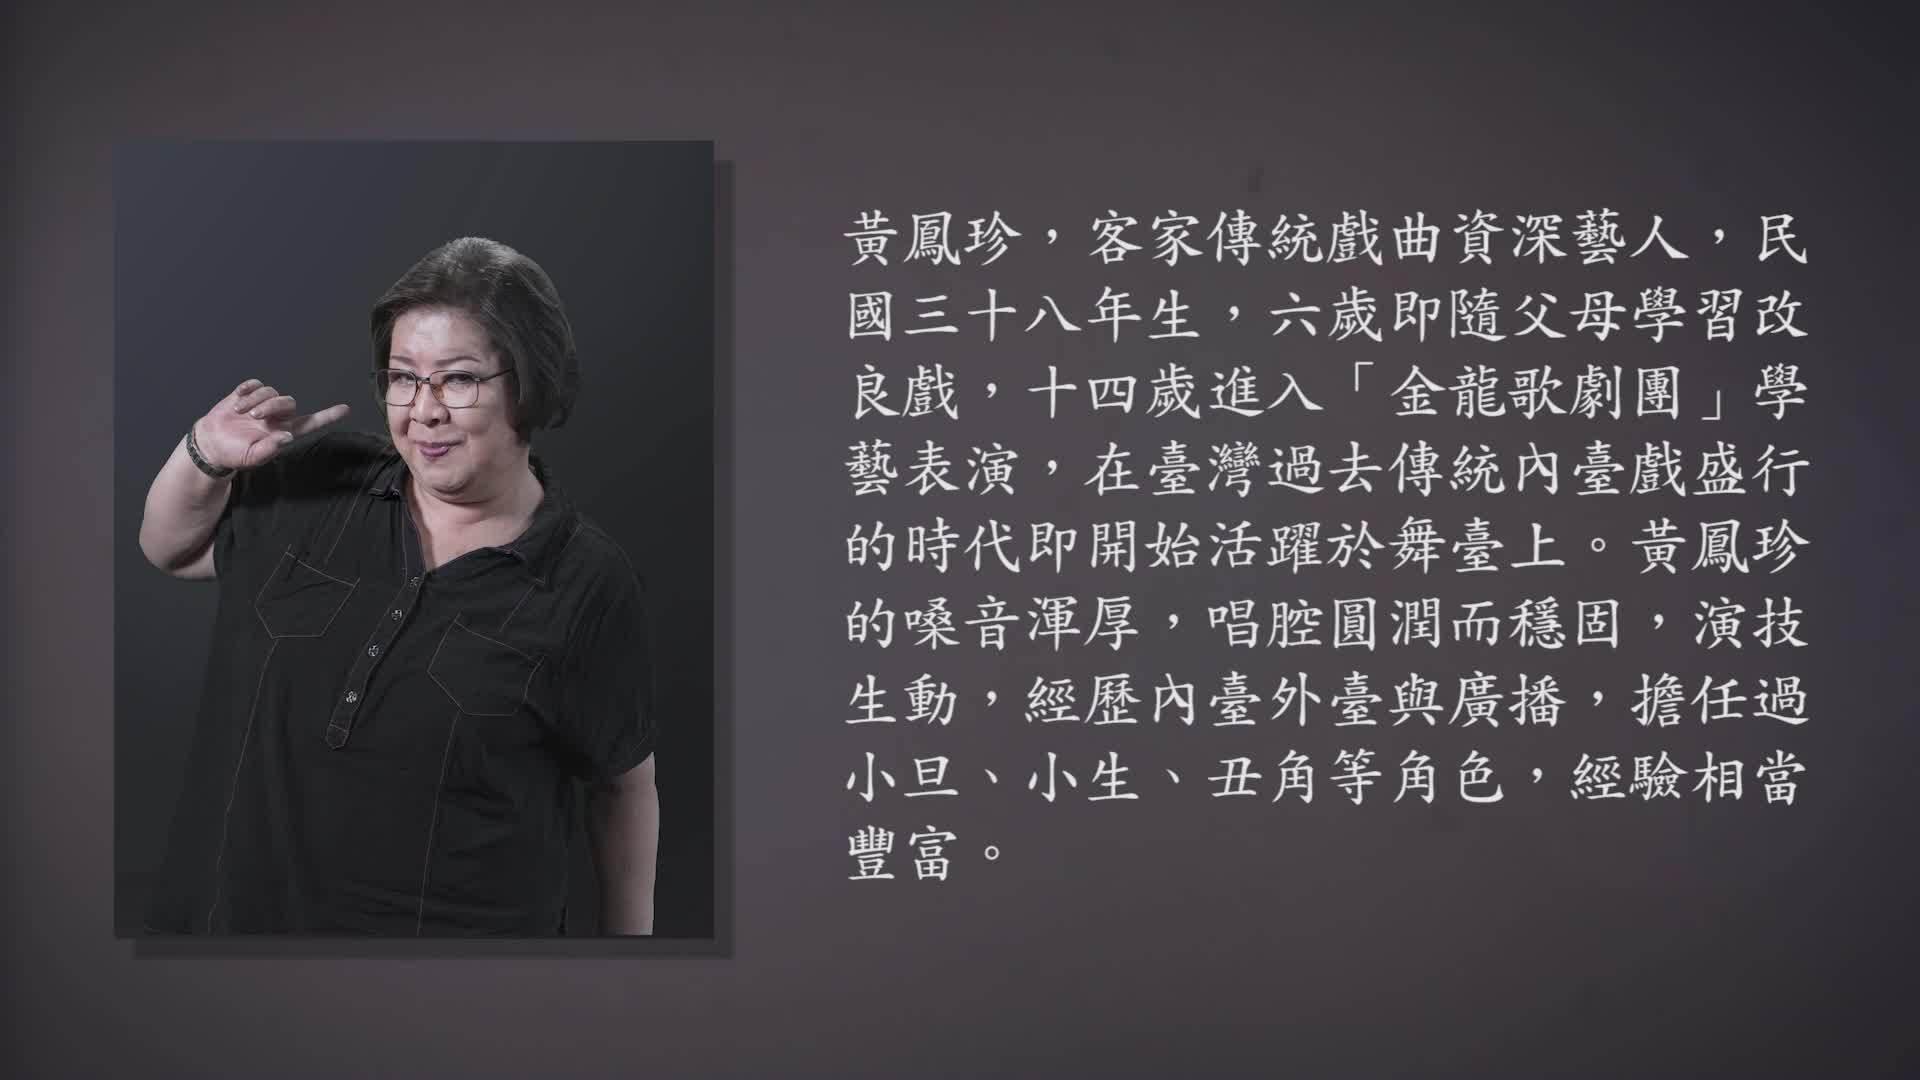 技藝.記憶-傳統藝術藝人口述歷史影像紀錄計畫-黃鳳珍精華片段